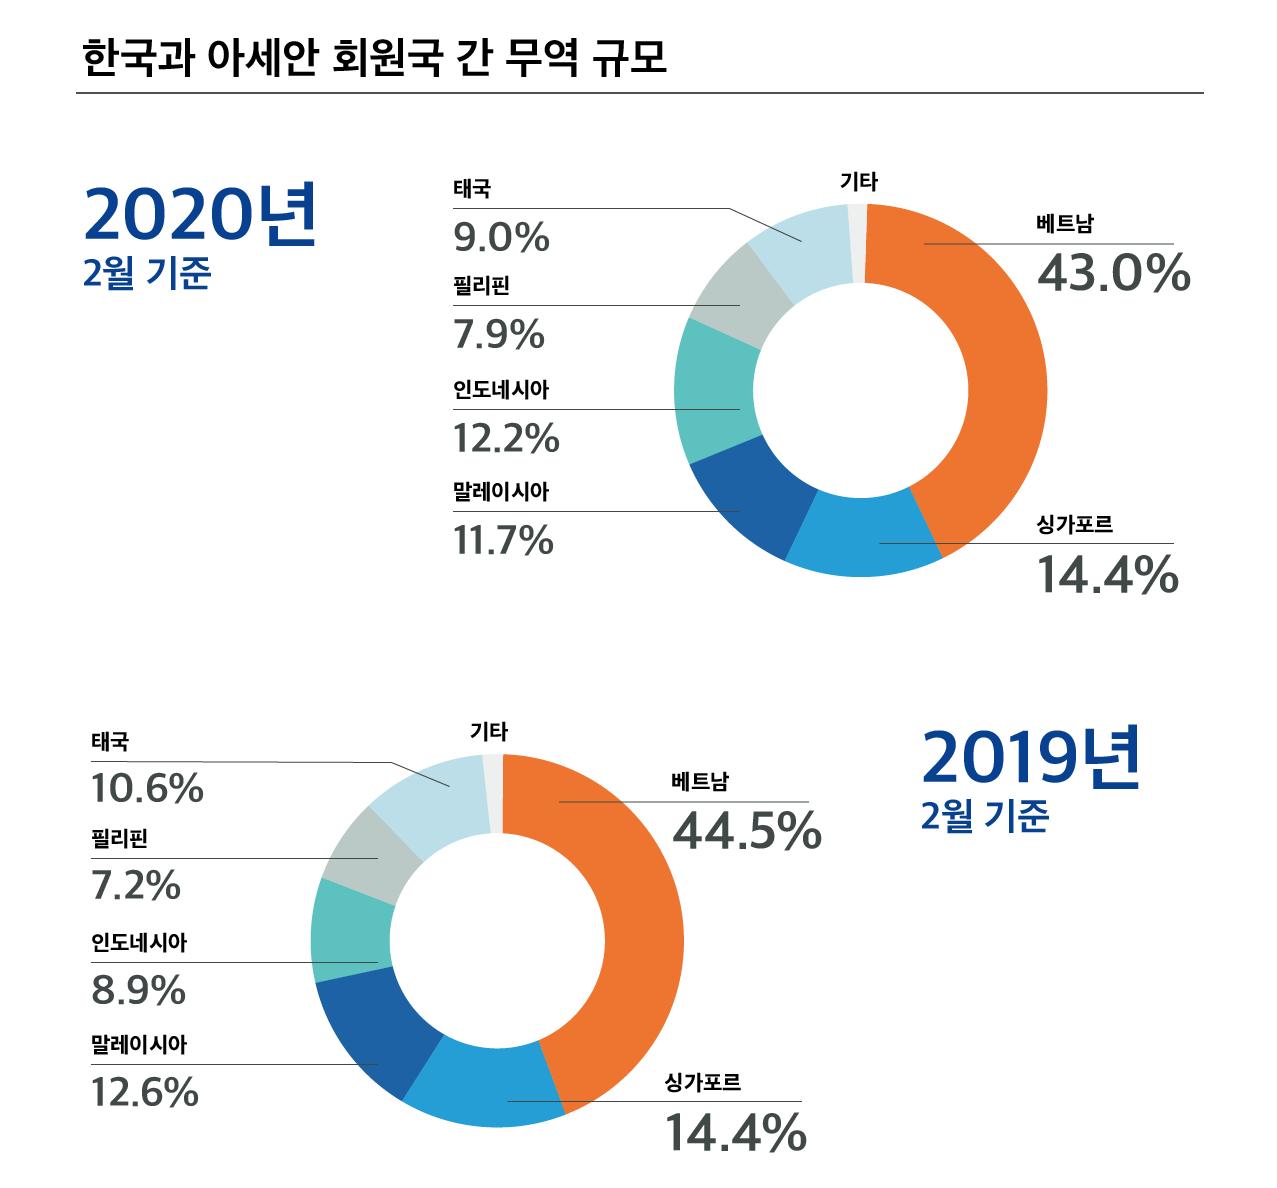 한국과 아세안 회원국 간 무역 규모